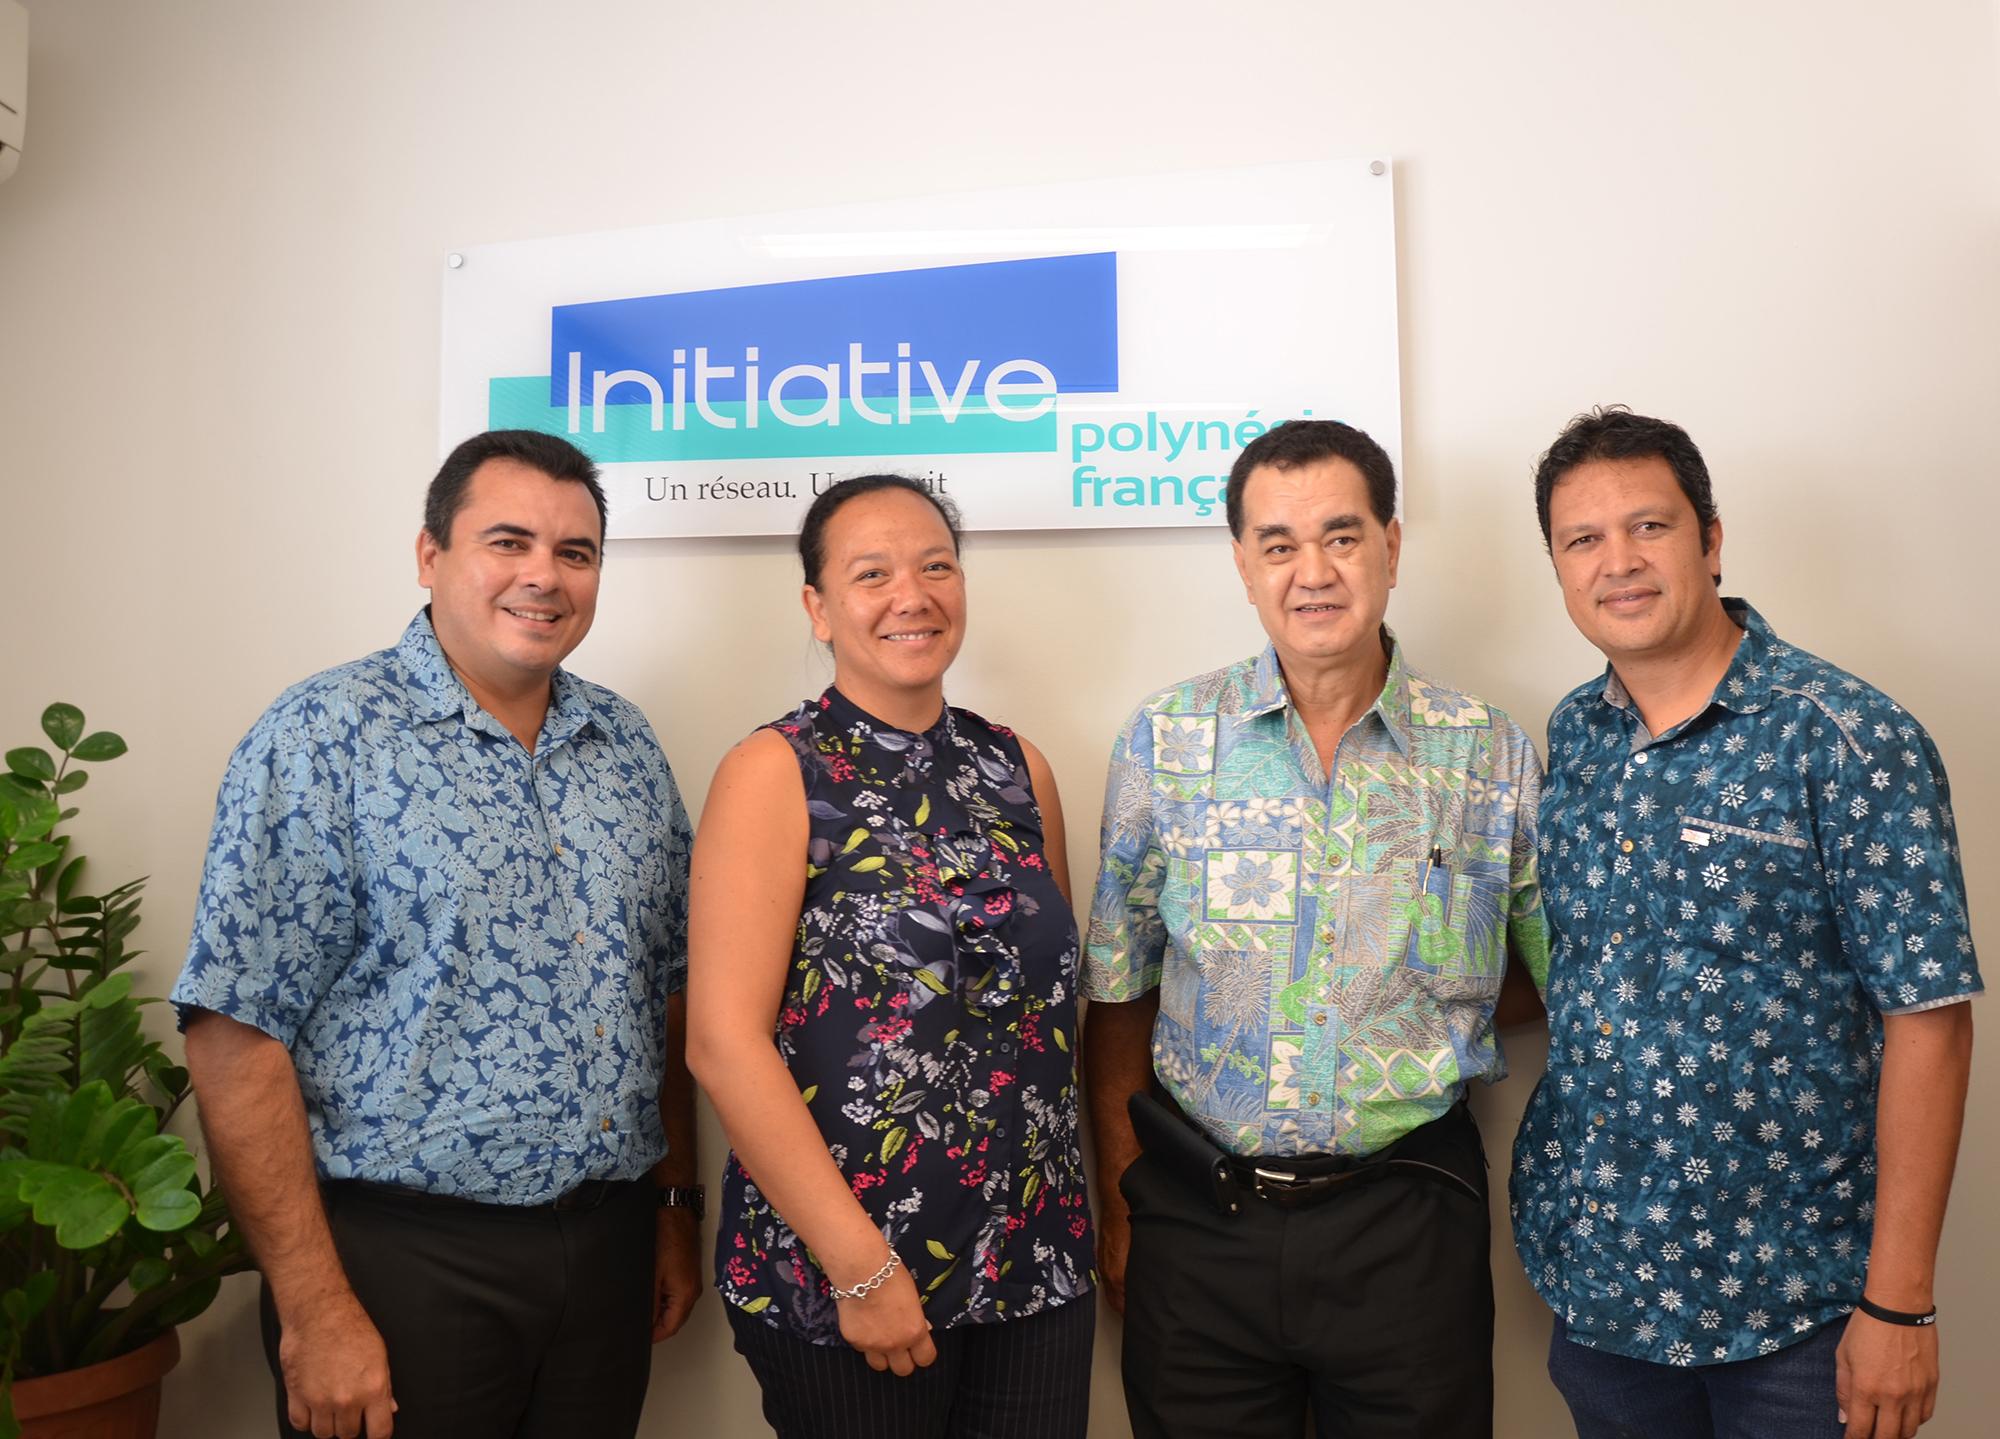 Le dispositif Initiative Polynésie français est un réseau associatif pour aider les entrepreneurs polynésiens à se lancer ou se développer.